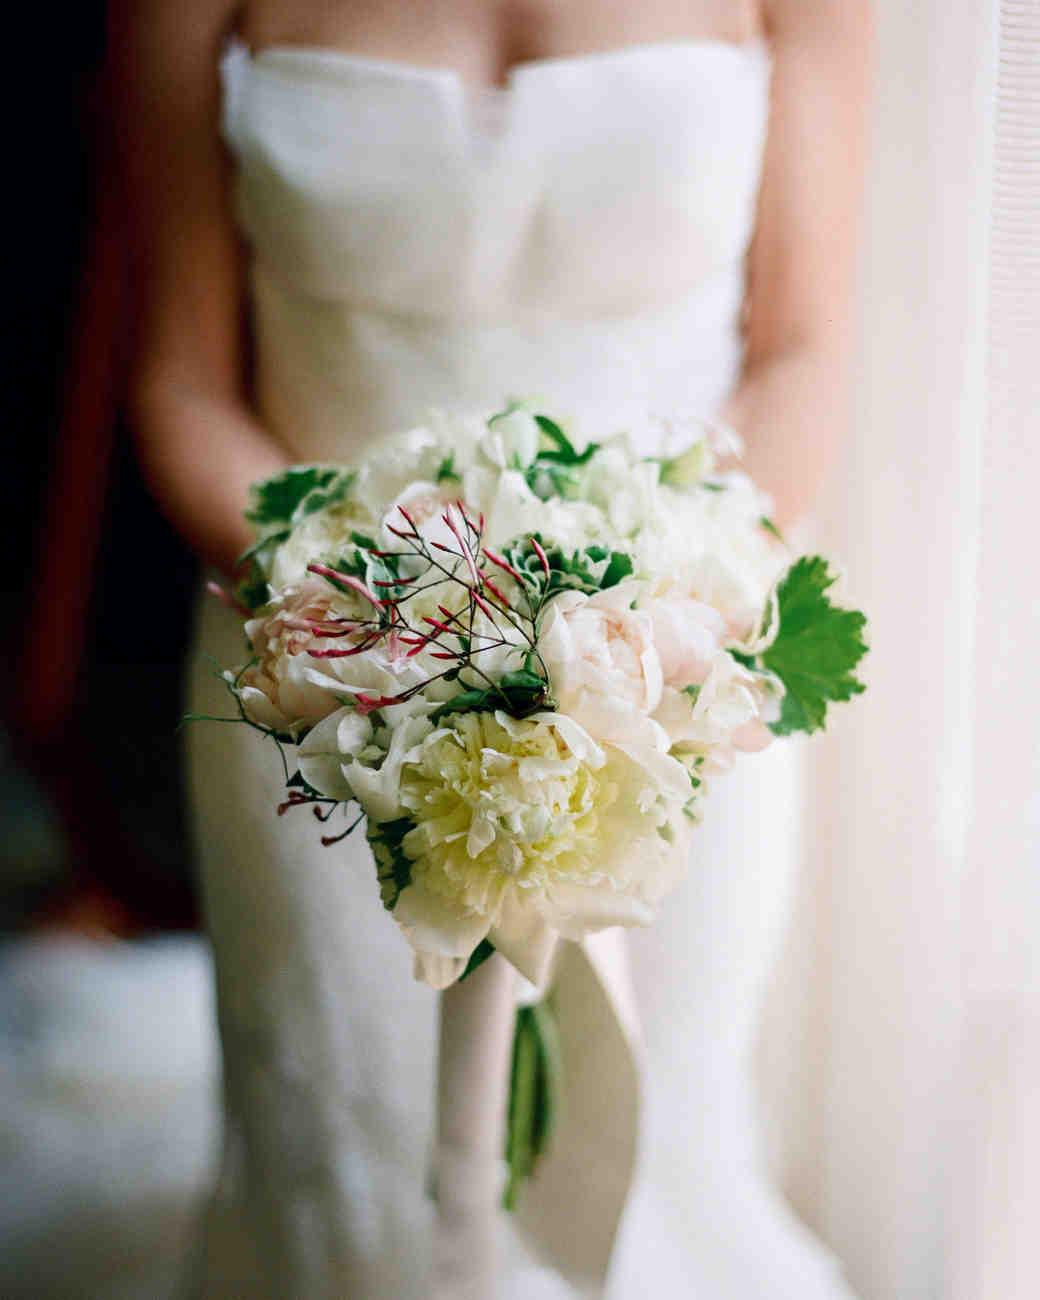 marwa-peter-wedding-bouquet2-0414.jpg